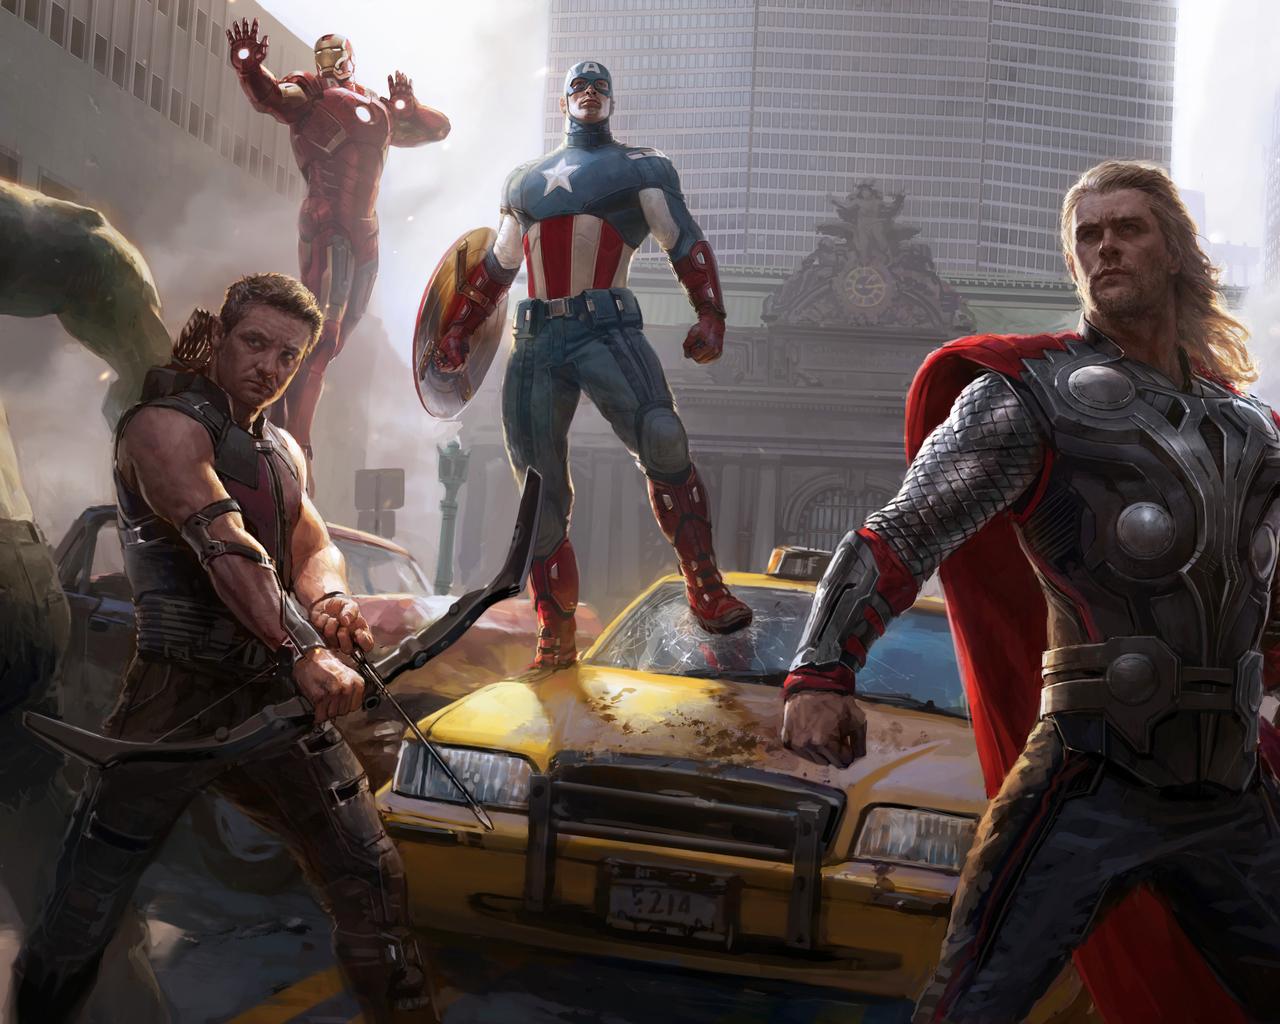 marvel-heroes-8k-6o.jpg